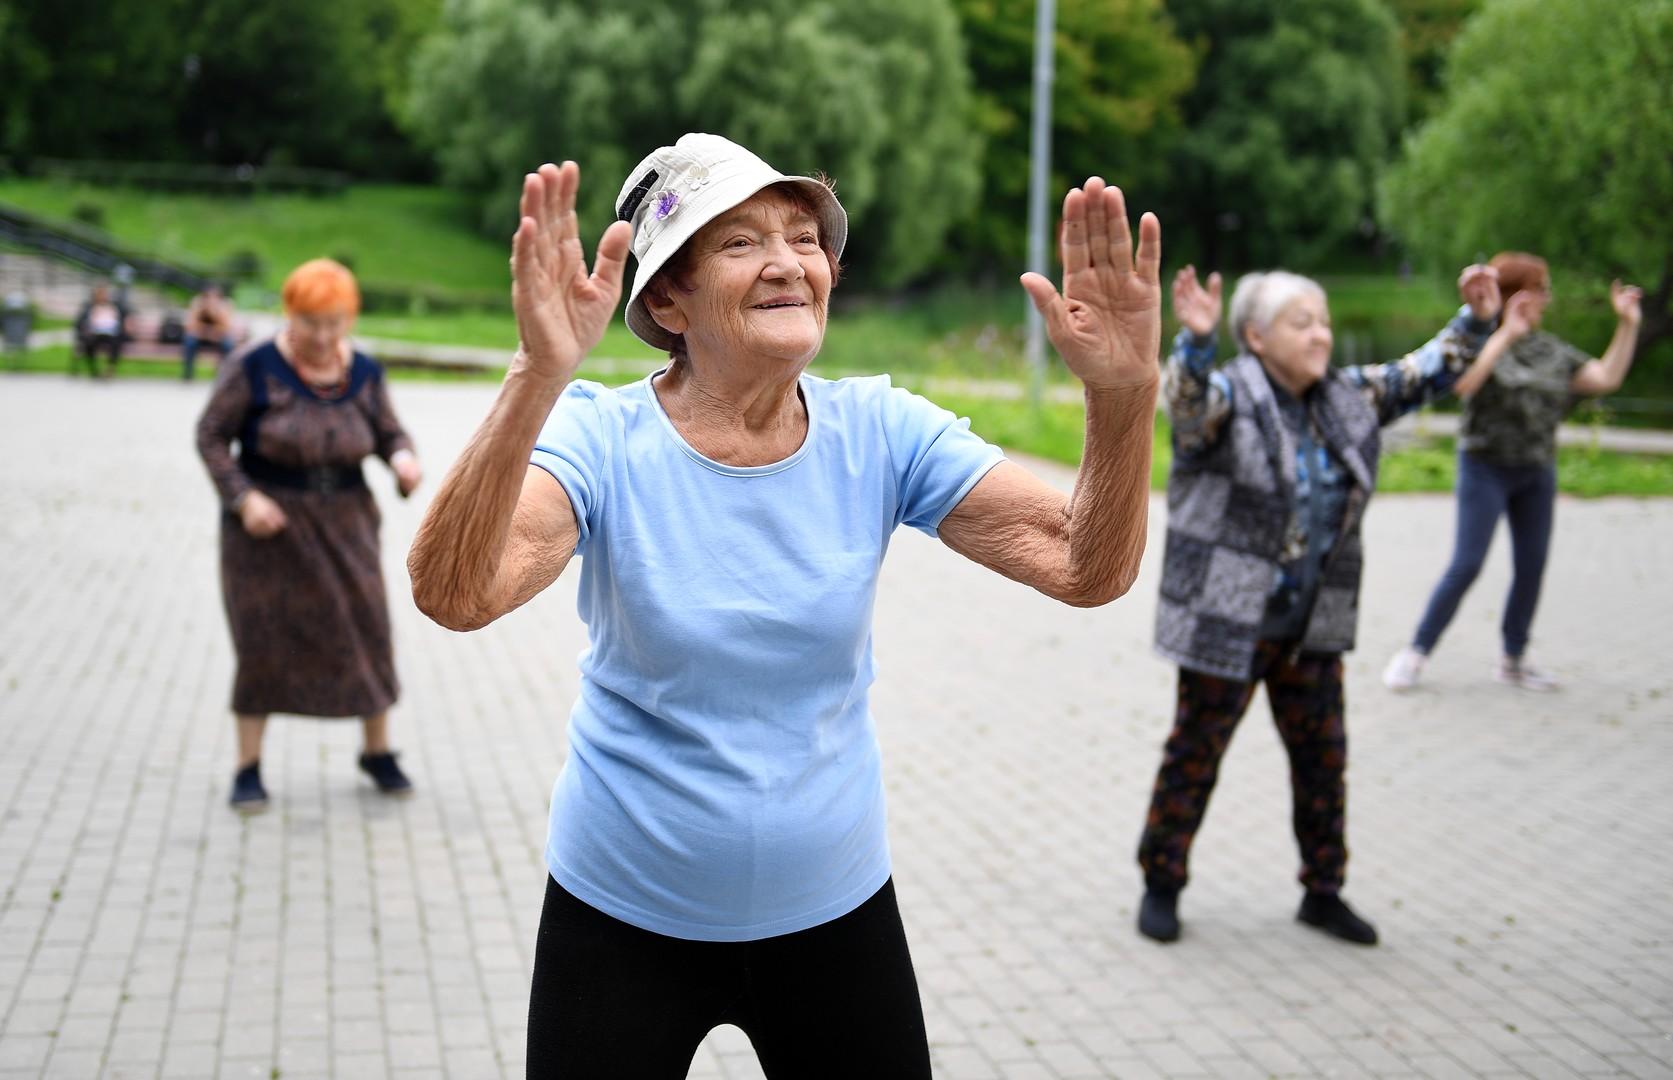 روسيا تضرب رقما قياسيا من حيث عدد المعمرين البالغين من العمر 100 عام